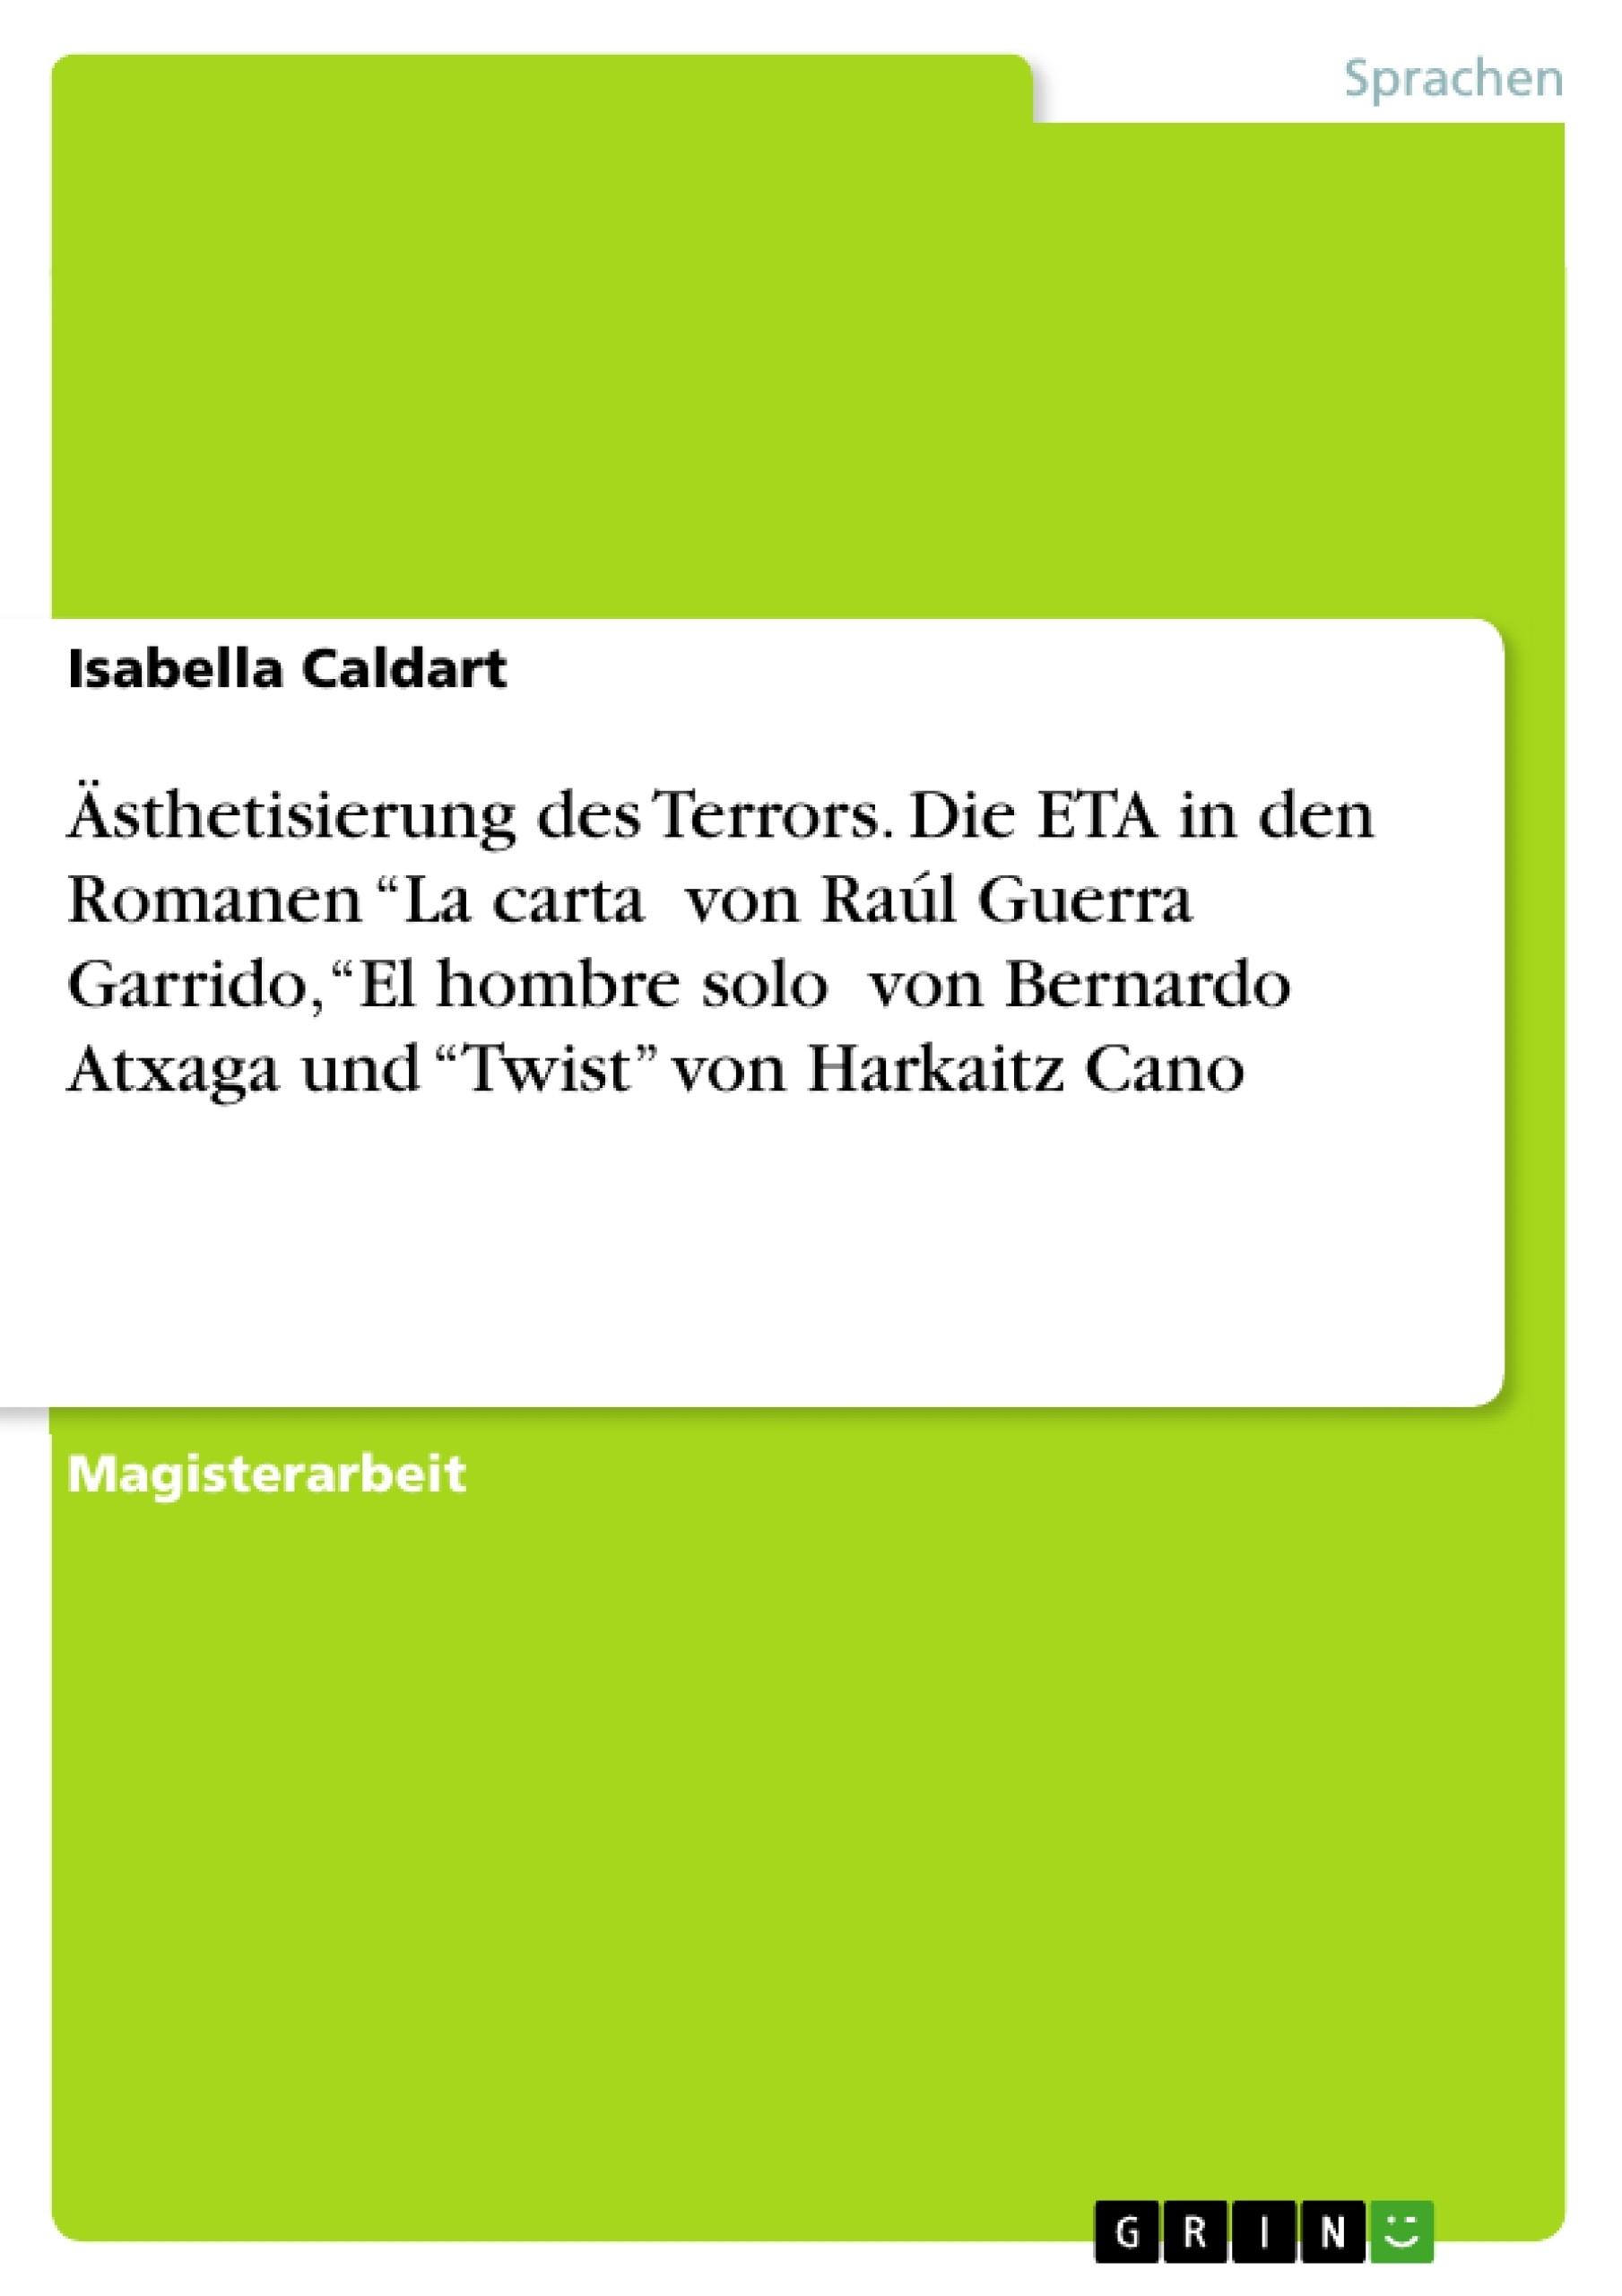 """Titel: Ästhetisierung des Terrors. Die ETA in den Romanen """"La cartaˮ von Raúl Guerra Garrido, """"El hombre soloˮ von Bernardo Atxaga und """"Twist"""" von Harkaitz Cano"""